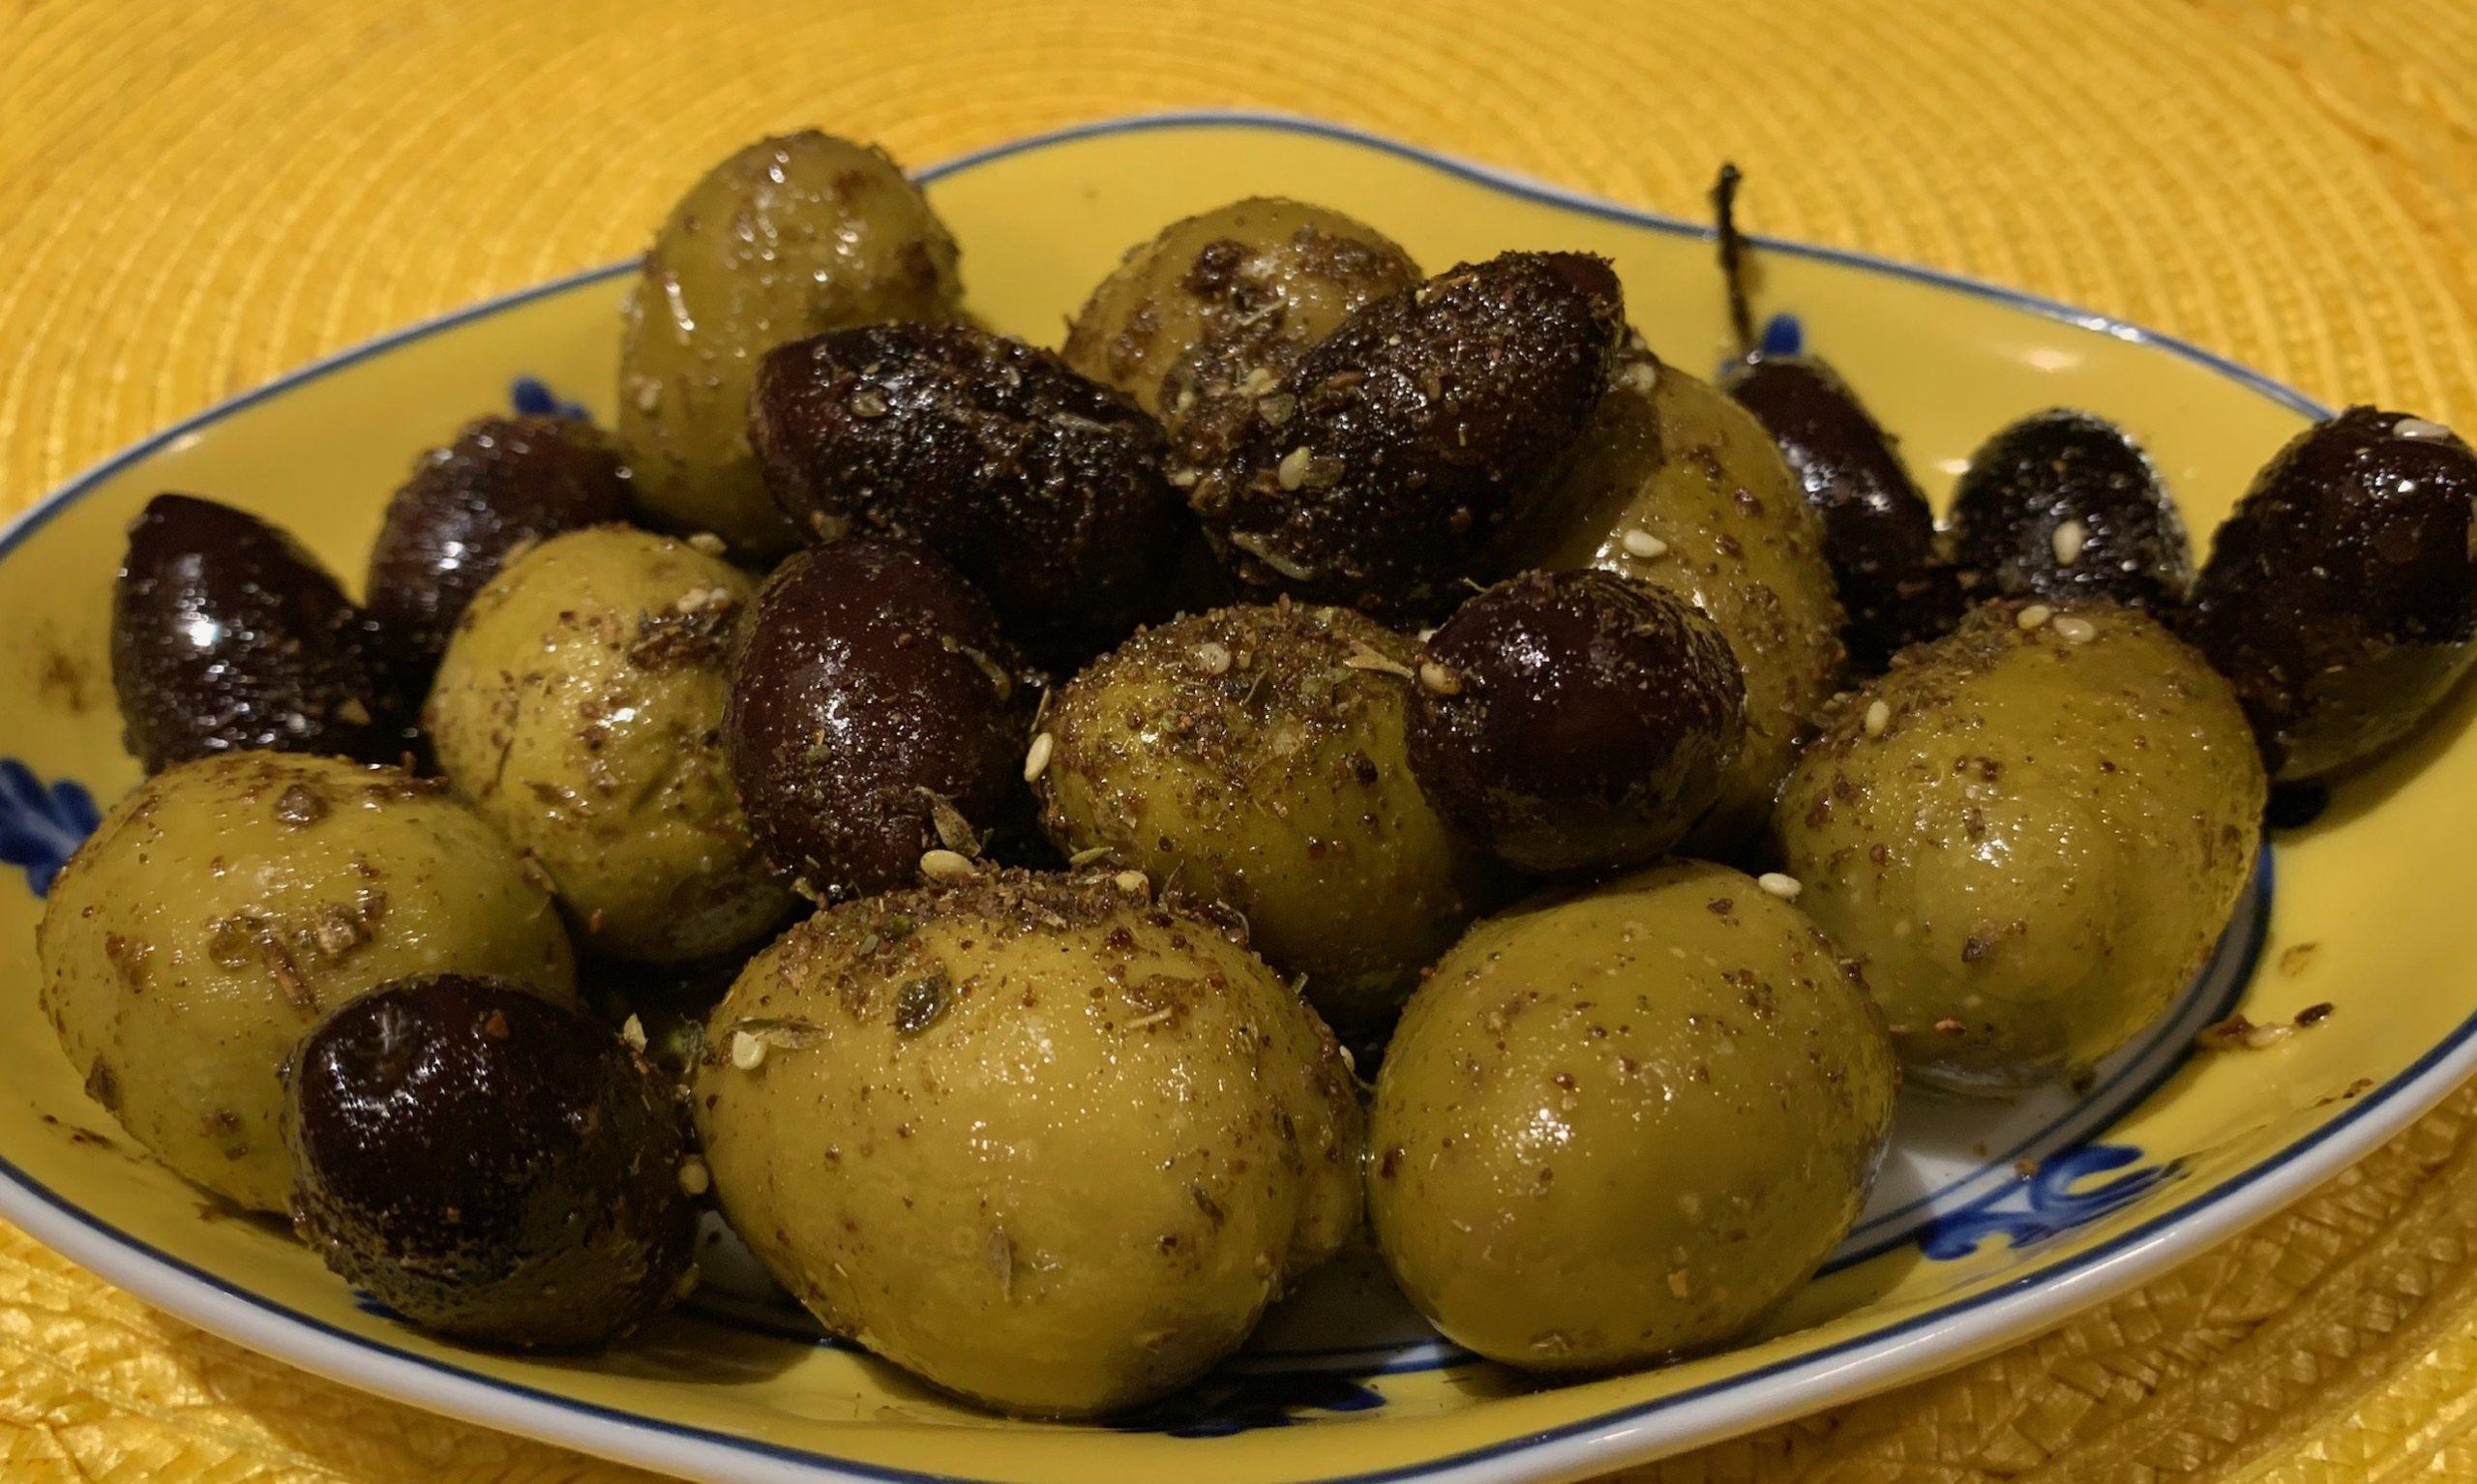 Warm Olives with Za'atar